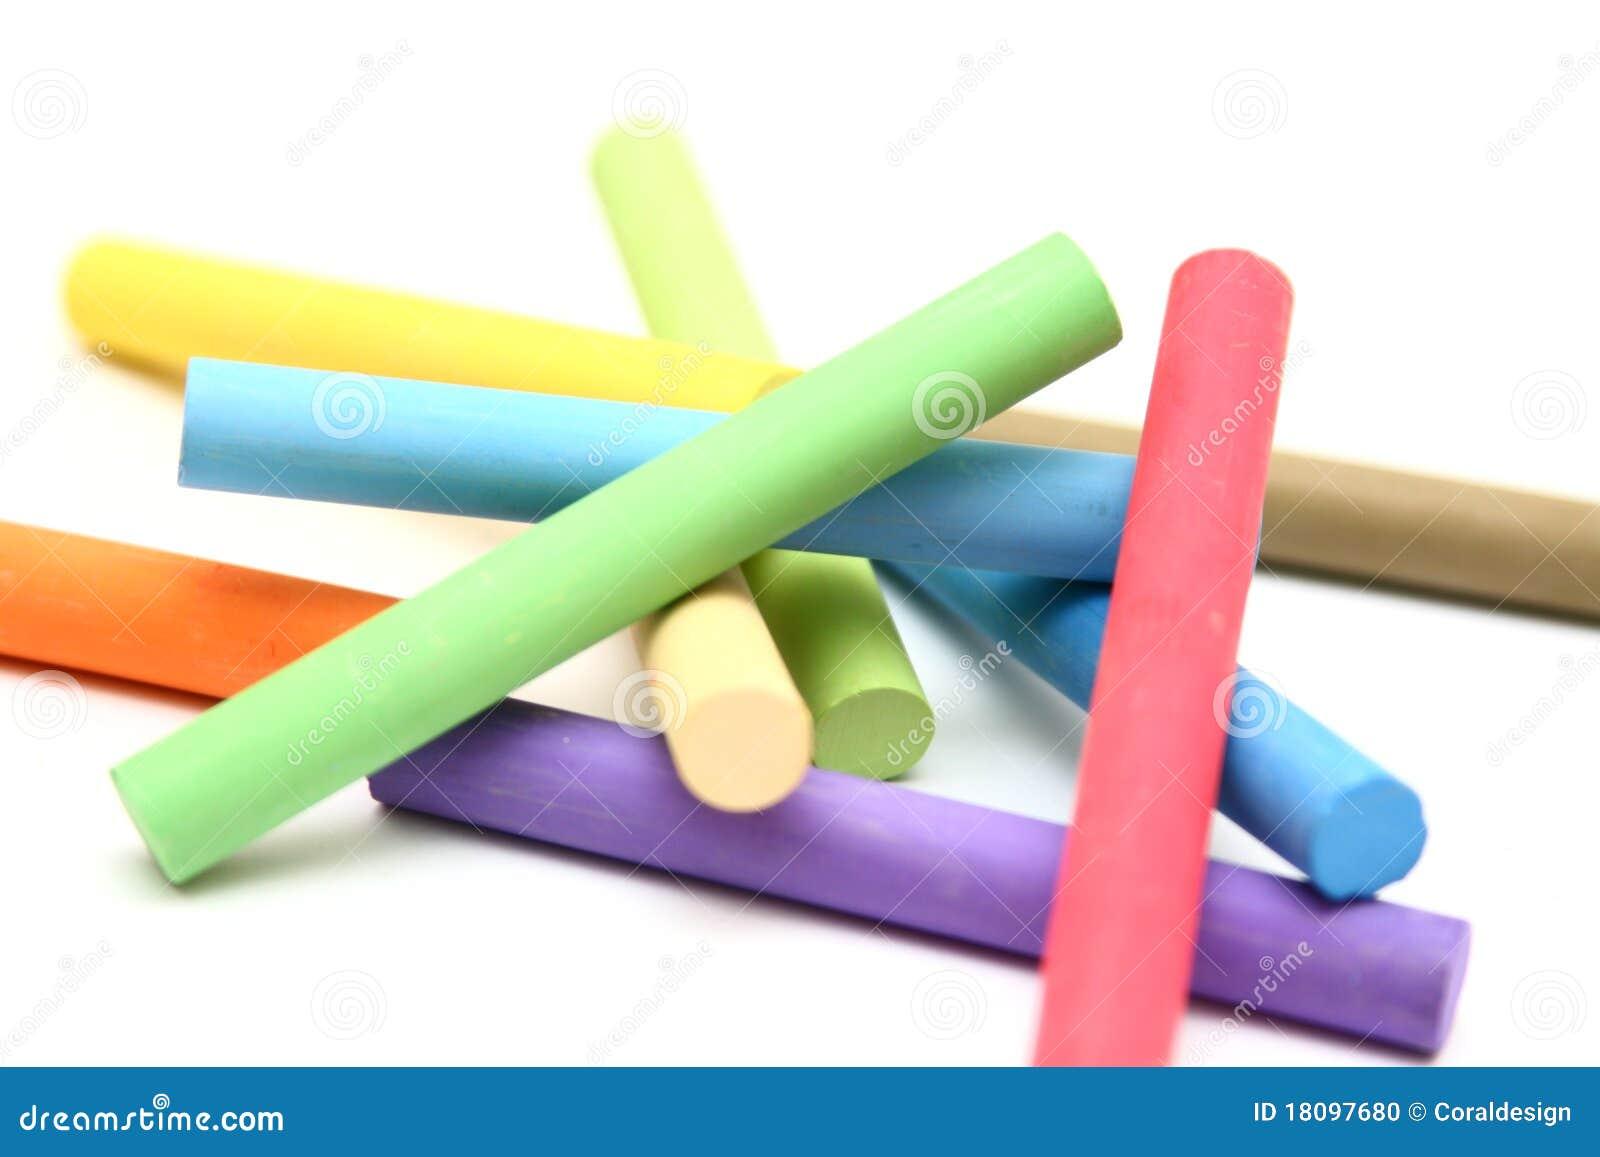 pile de b tons de craie de couleur photo stock image 18097680. Black Bedroom Furniture Sets. Home Design Ideas